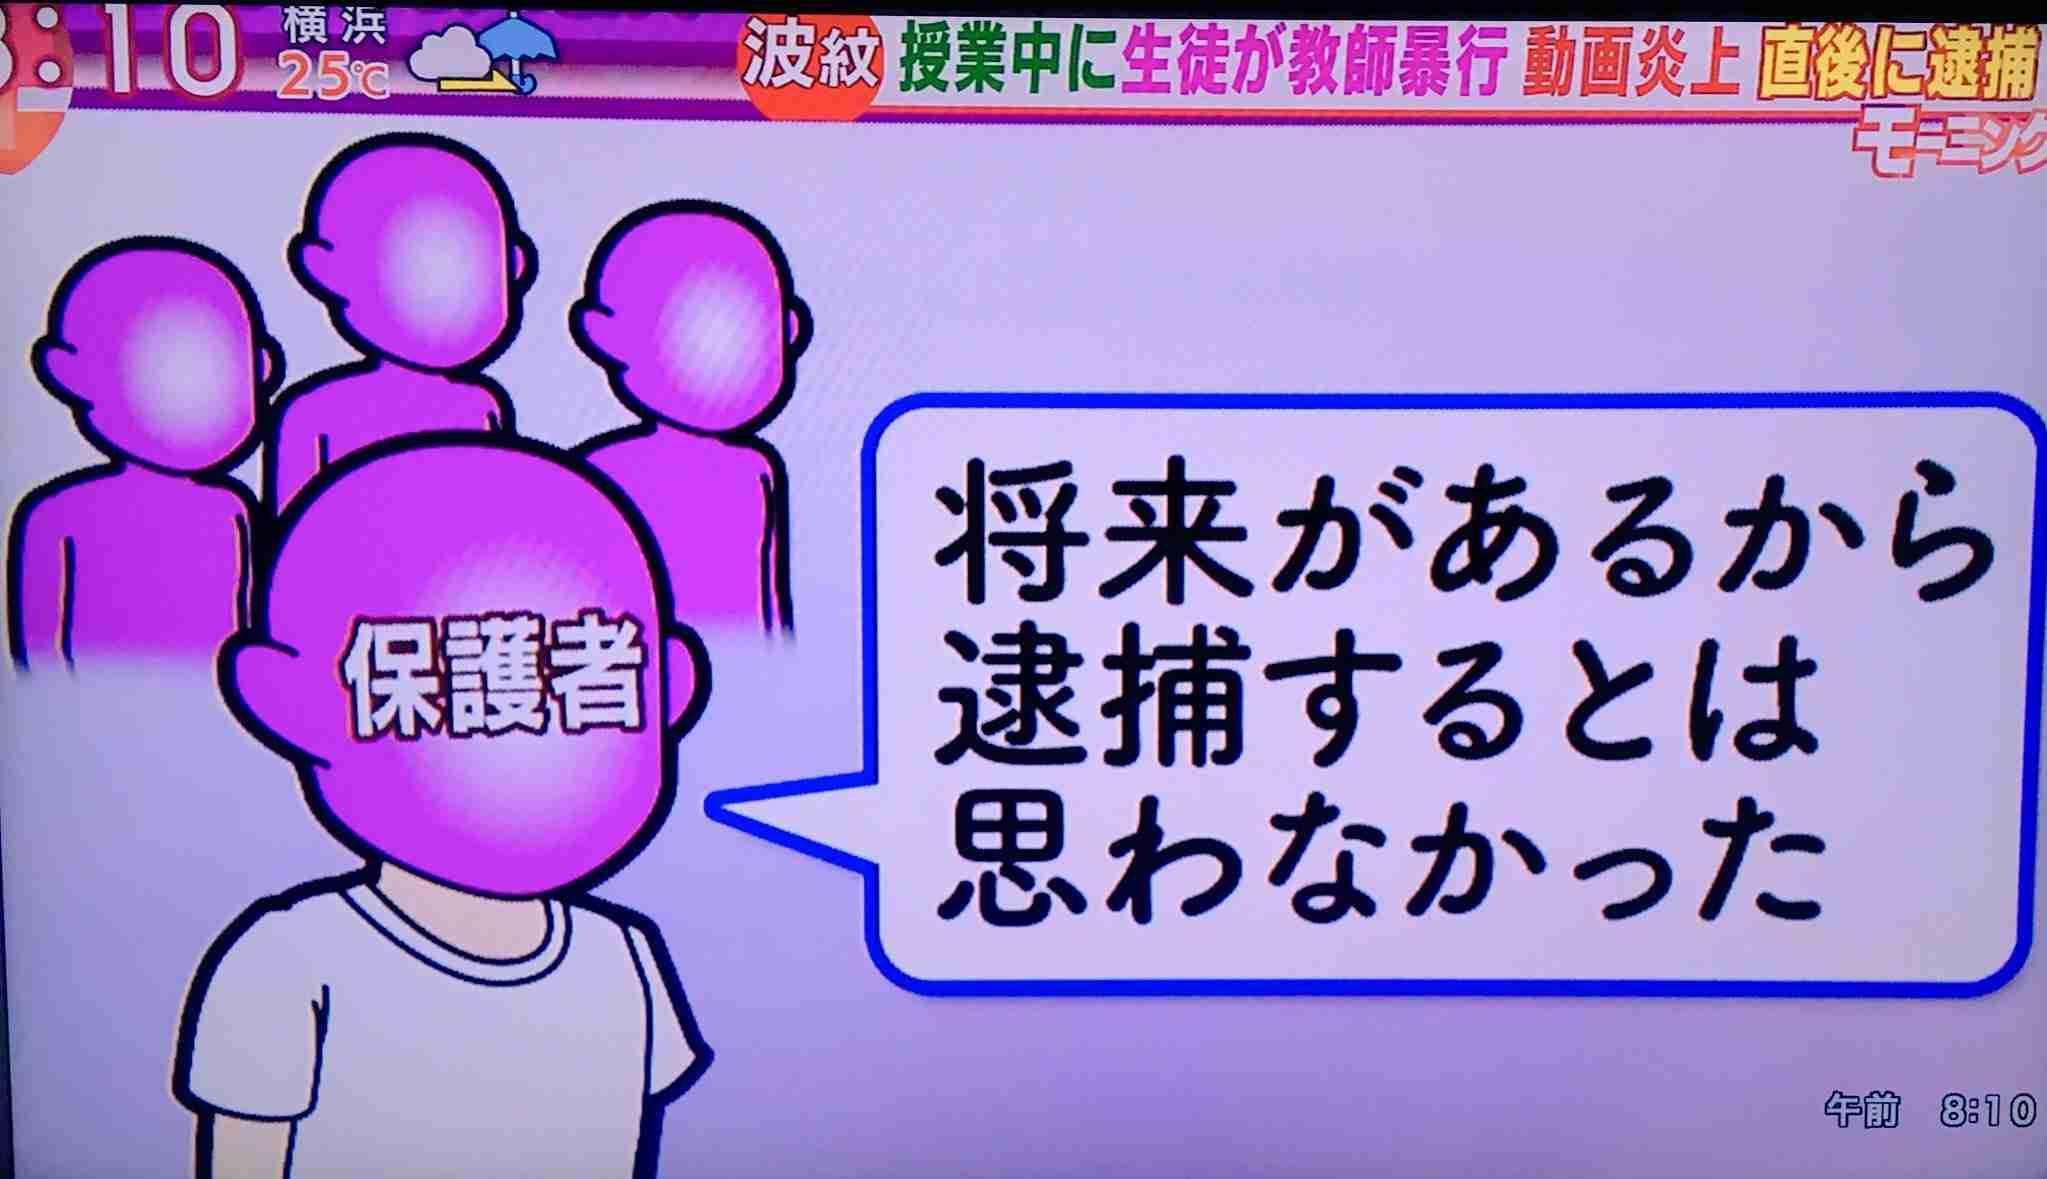 講師蹴った疑いの高1釈放 福岡地検「勾留は必要ない」